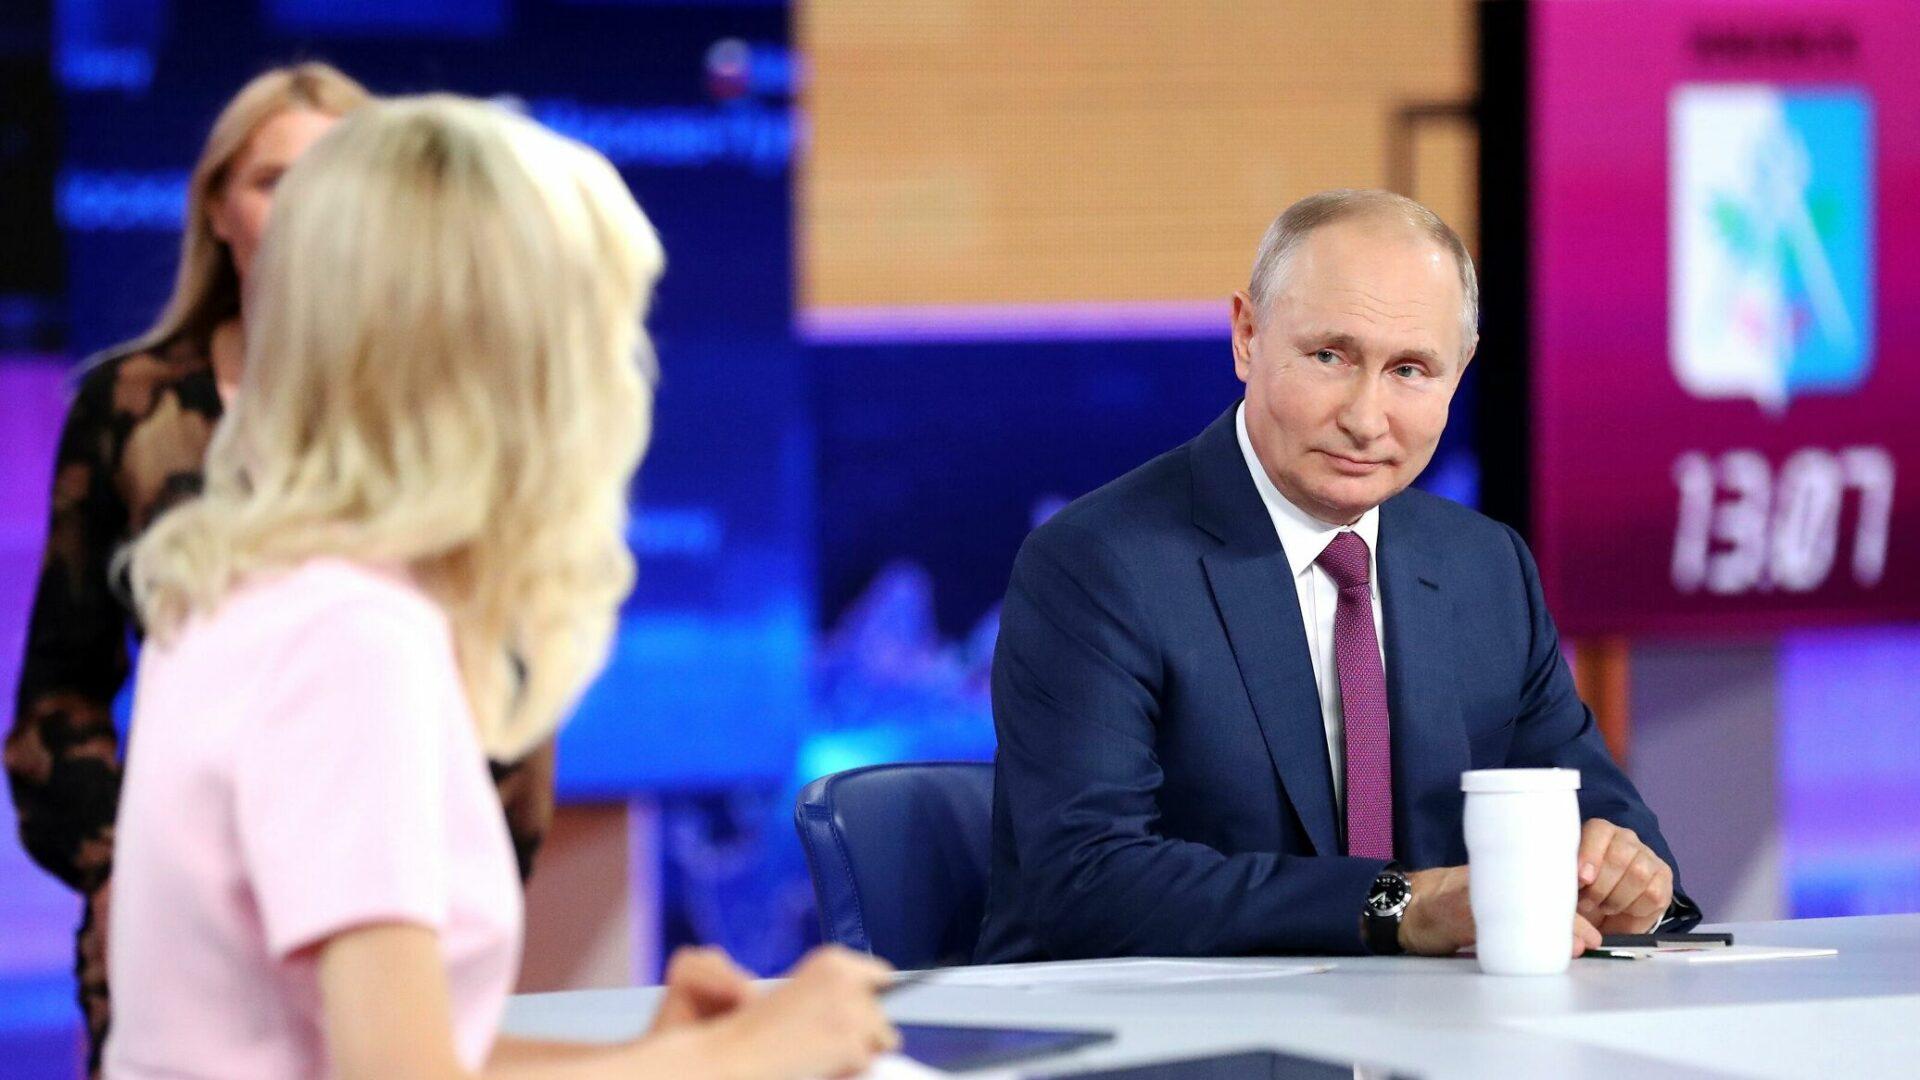 В Москве прошла восемнадцатая по счету прямая линия с президентом России Владимиром Путиным. Глава государства ответил на 68 вопросов жителей страны за три часа 42 минуты.